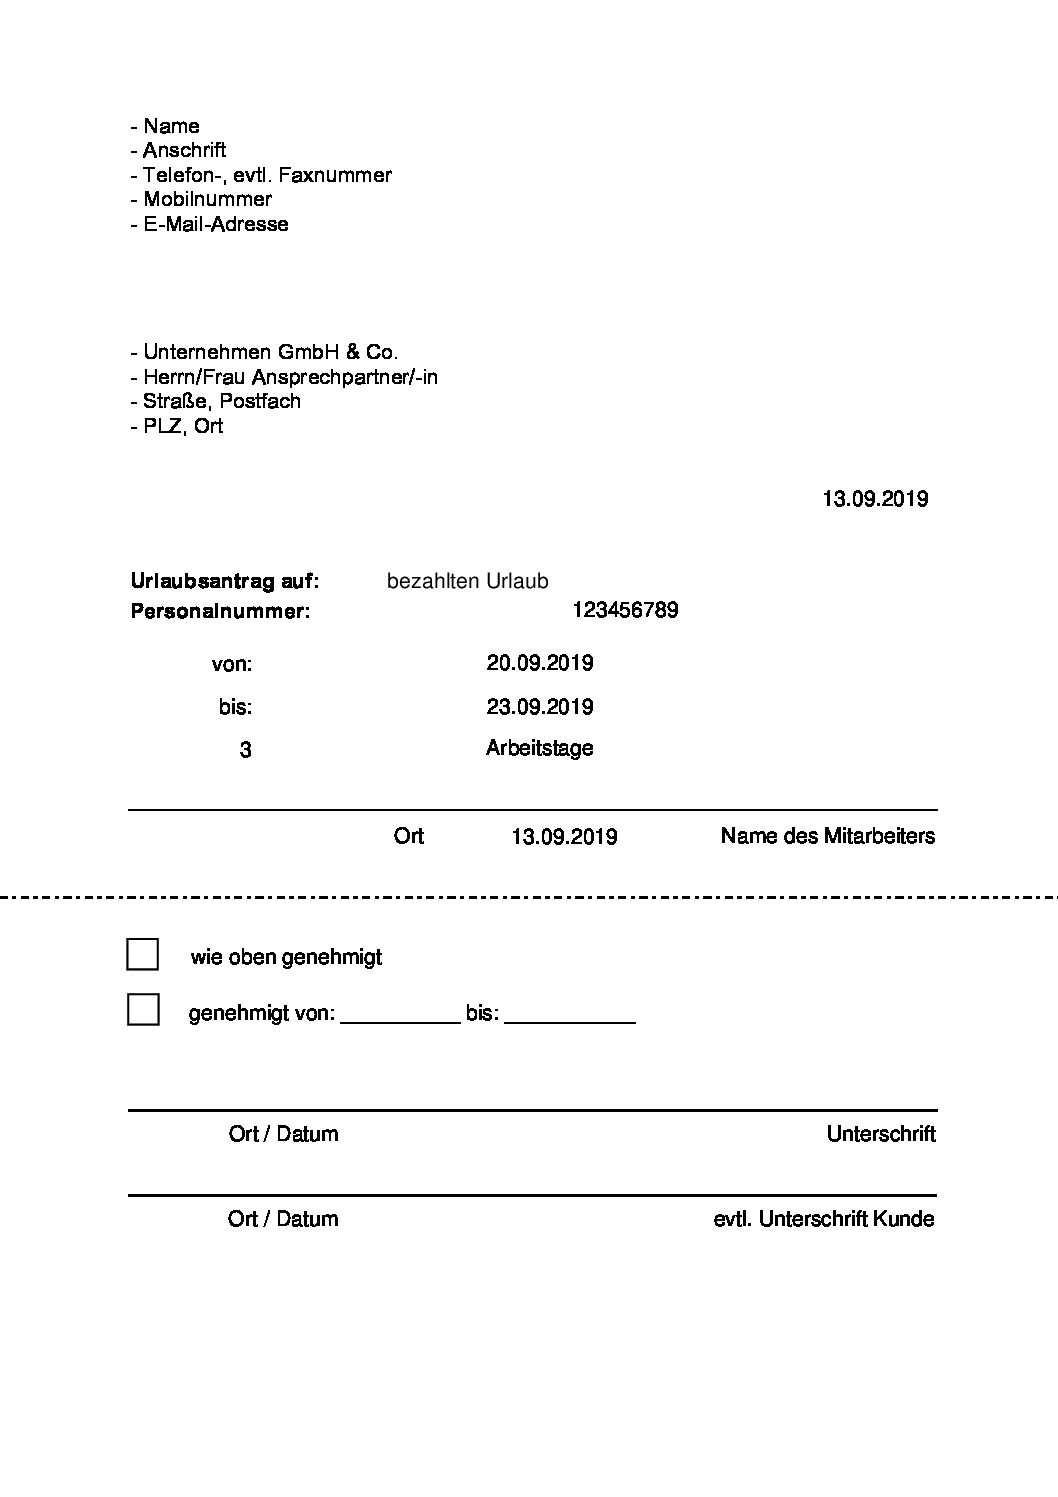 Vordruck Urlaubsantrag Pdf Kostenlos لم يسبق له مثيل الصور Tier3 Xyz